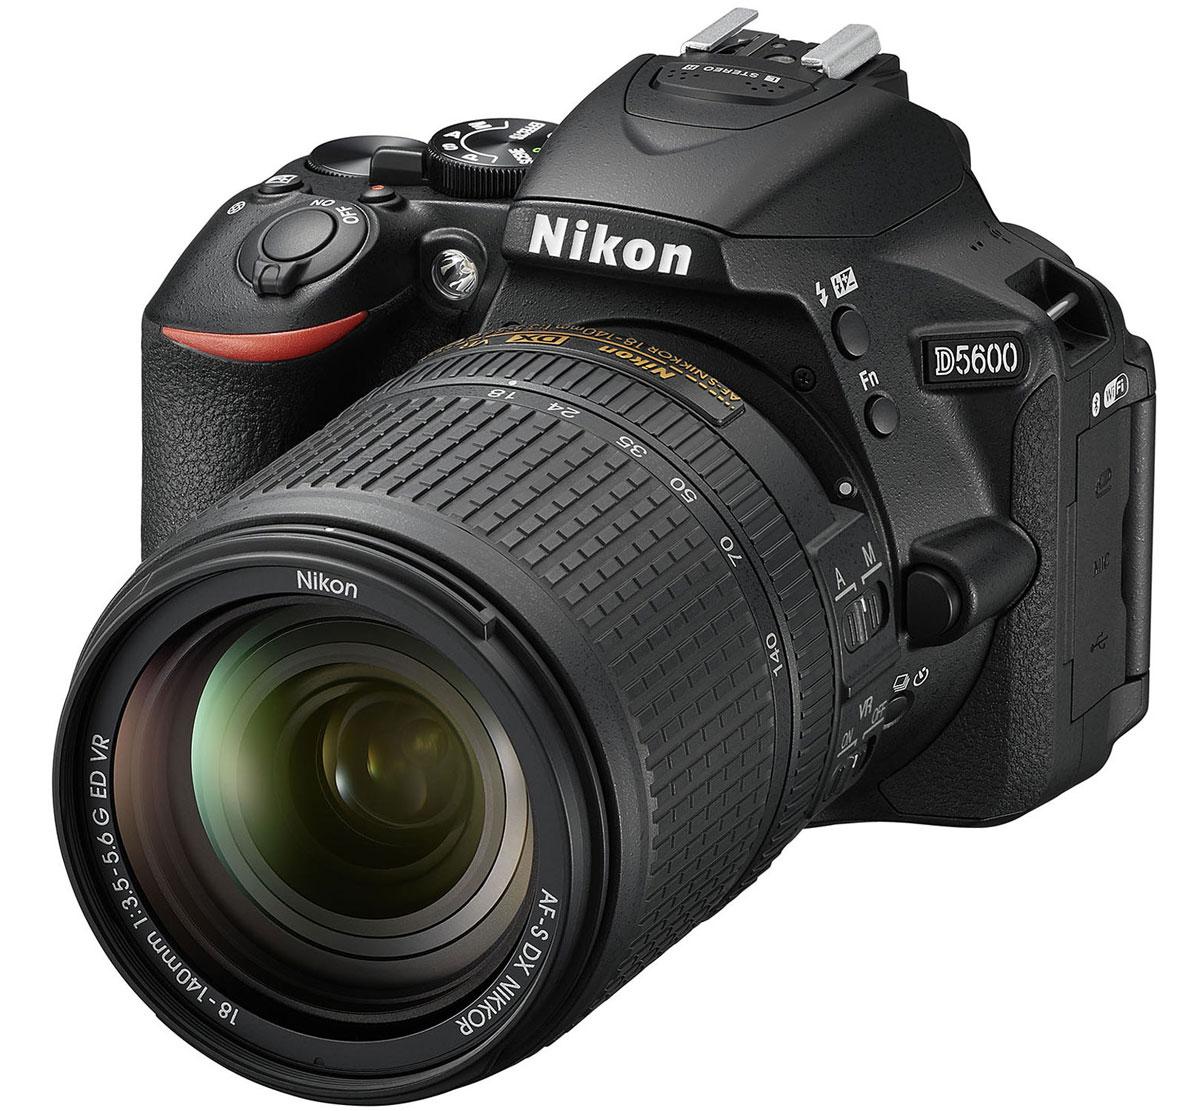 Nikon D5600 Kit 18-140 VR, Black цифровая зеркальная камераVBA500K002Следуйте за своим вдохновением, вооружившись фотокамерой Nikon D5600 с постоянным подключением.Фотокамера D5600, оснащенная большой матрицей формата DX с разрешением 24,2 млн пикселей, может четко воспроизводить тончайшие текстуры и создавать изображения с потрясающей детализацией. Ваши друзья и подписчики в социальных сетях увидят на каждом снимке именно то, что вы хотели показать.Диапазон чувствительности 100-25 600 единиц ISO и расширенная до 6400 единиц ISO чувствительность в режиме Ночной пейзаж позволяет с легкостью получать отличные результаты при недостаточной освещенности и сложных условиях освещения.Система обработки изображений EXPEED 4 обеспечивает превосходное понижение шума даже при высоких значениях чувствительности ISO. А благодаря широкому выбору сменных объективов NIKKOR вы сможете с легкостью создавать изображения с эффектно размытым фоном и богатыми тональными оттенками.Революционное приложение SnapBridge от компании Nikon использует технологию подключения Bluetooth low energy, обеспечивая постоянную связь между фотокамерой и совместимым интеллектуальным устройством. Подключение фотокамеры к интеллектуальному устройству не вызовет никаких сложностей. После этого фотокамера сможет синхронно передавать фотографии на устройство по мере съемки, при этом не нужно тратить время на повторное подключение.Фотокамера обладает безупречной эргономикой, что позволяет вам полностью сосредоточиться на процессе съемки. Создавайте кадры с великолепной композицией благодаря высококачественному оптическому видоискателю, обеспечивающему исключительно четкое изображение с объектива. Если вам нужно сосредоточиться на объекте съемки, использование видоискателя позволяет отмежеваться от солнечного света и других помех. Также вы сможете крепче удерживать фотокамеру при использовании телеобъектива. Удобное расположение диска управления и мультиселектора позволяет легко менять настройки во время съемки.Те